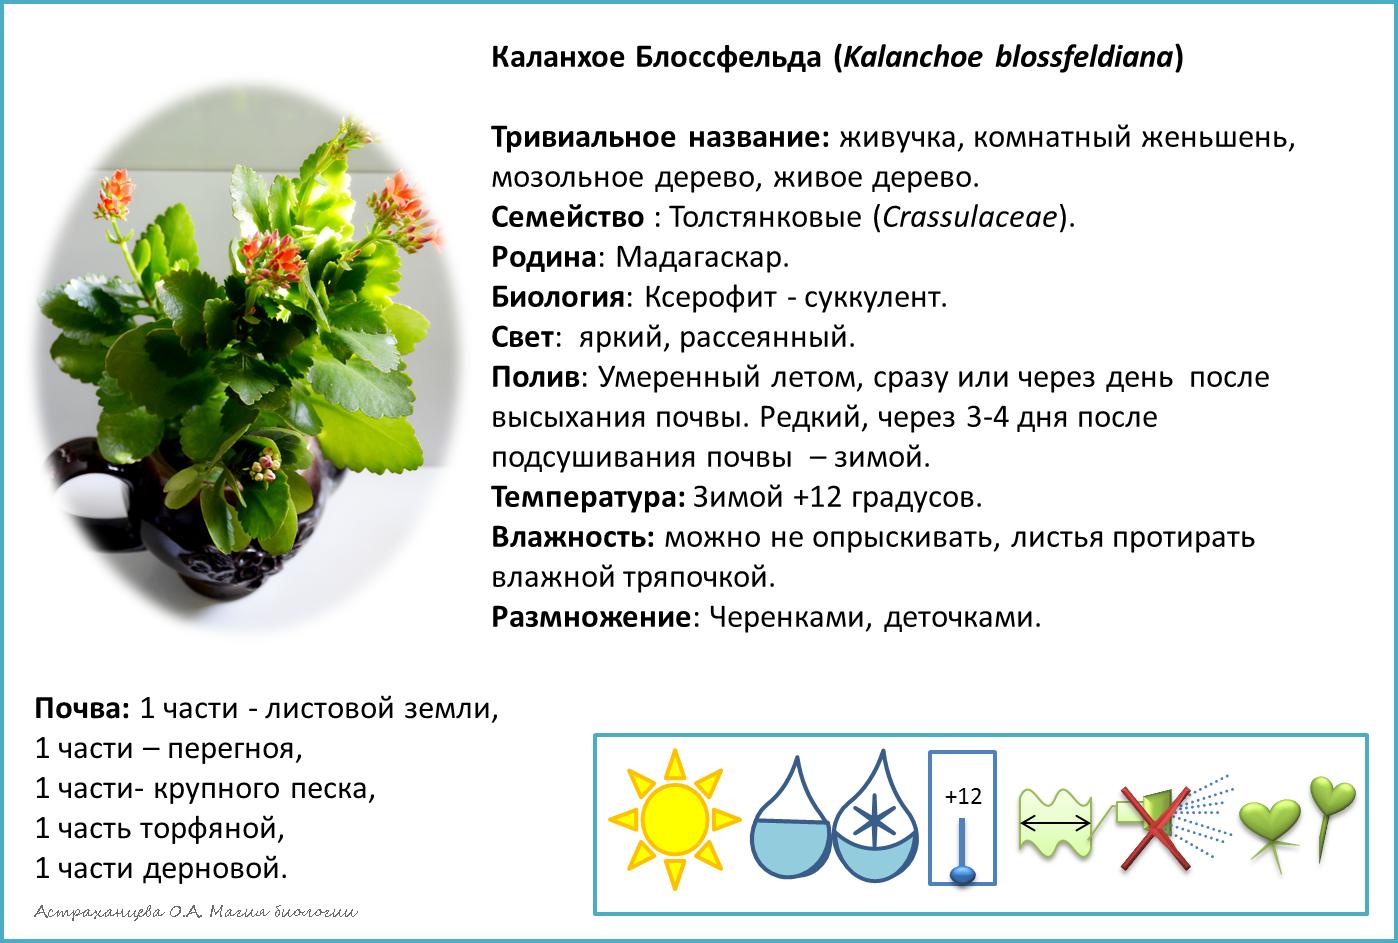 Каланхоэ: лечебные свойства и противопоказания.